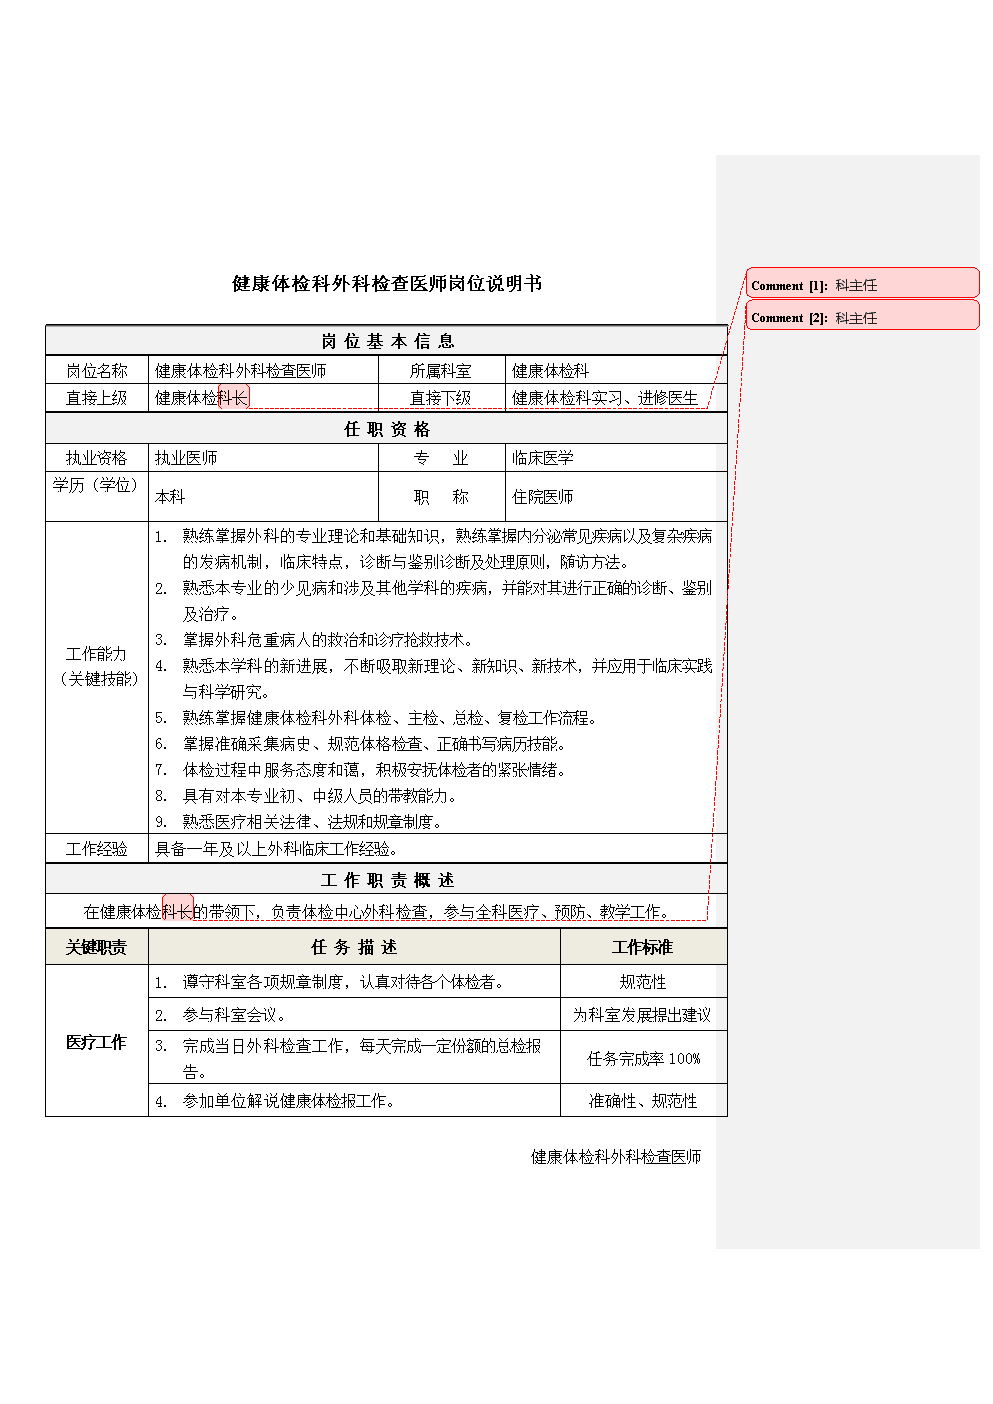 8健康体检科外科检查医师岗位说明书.docx